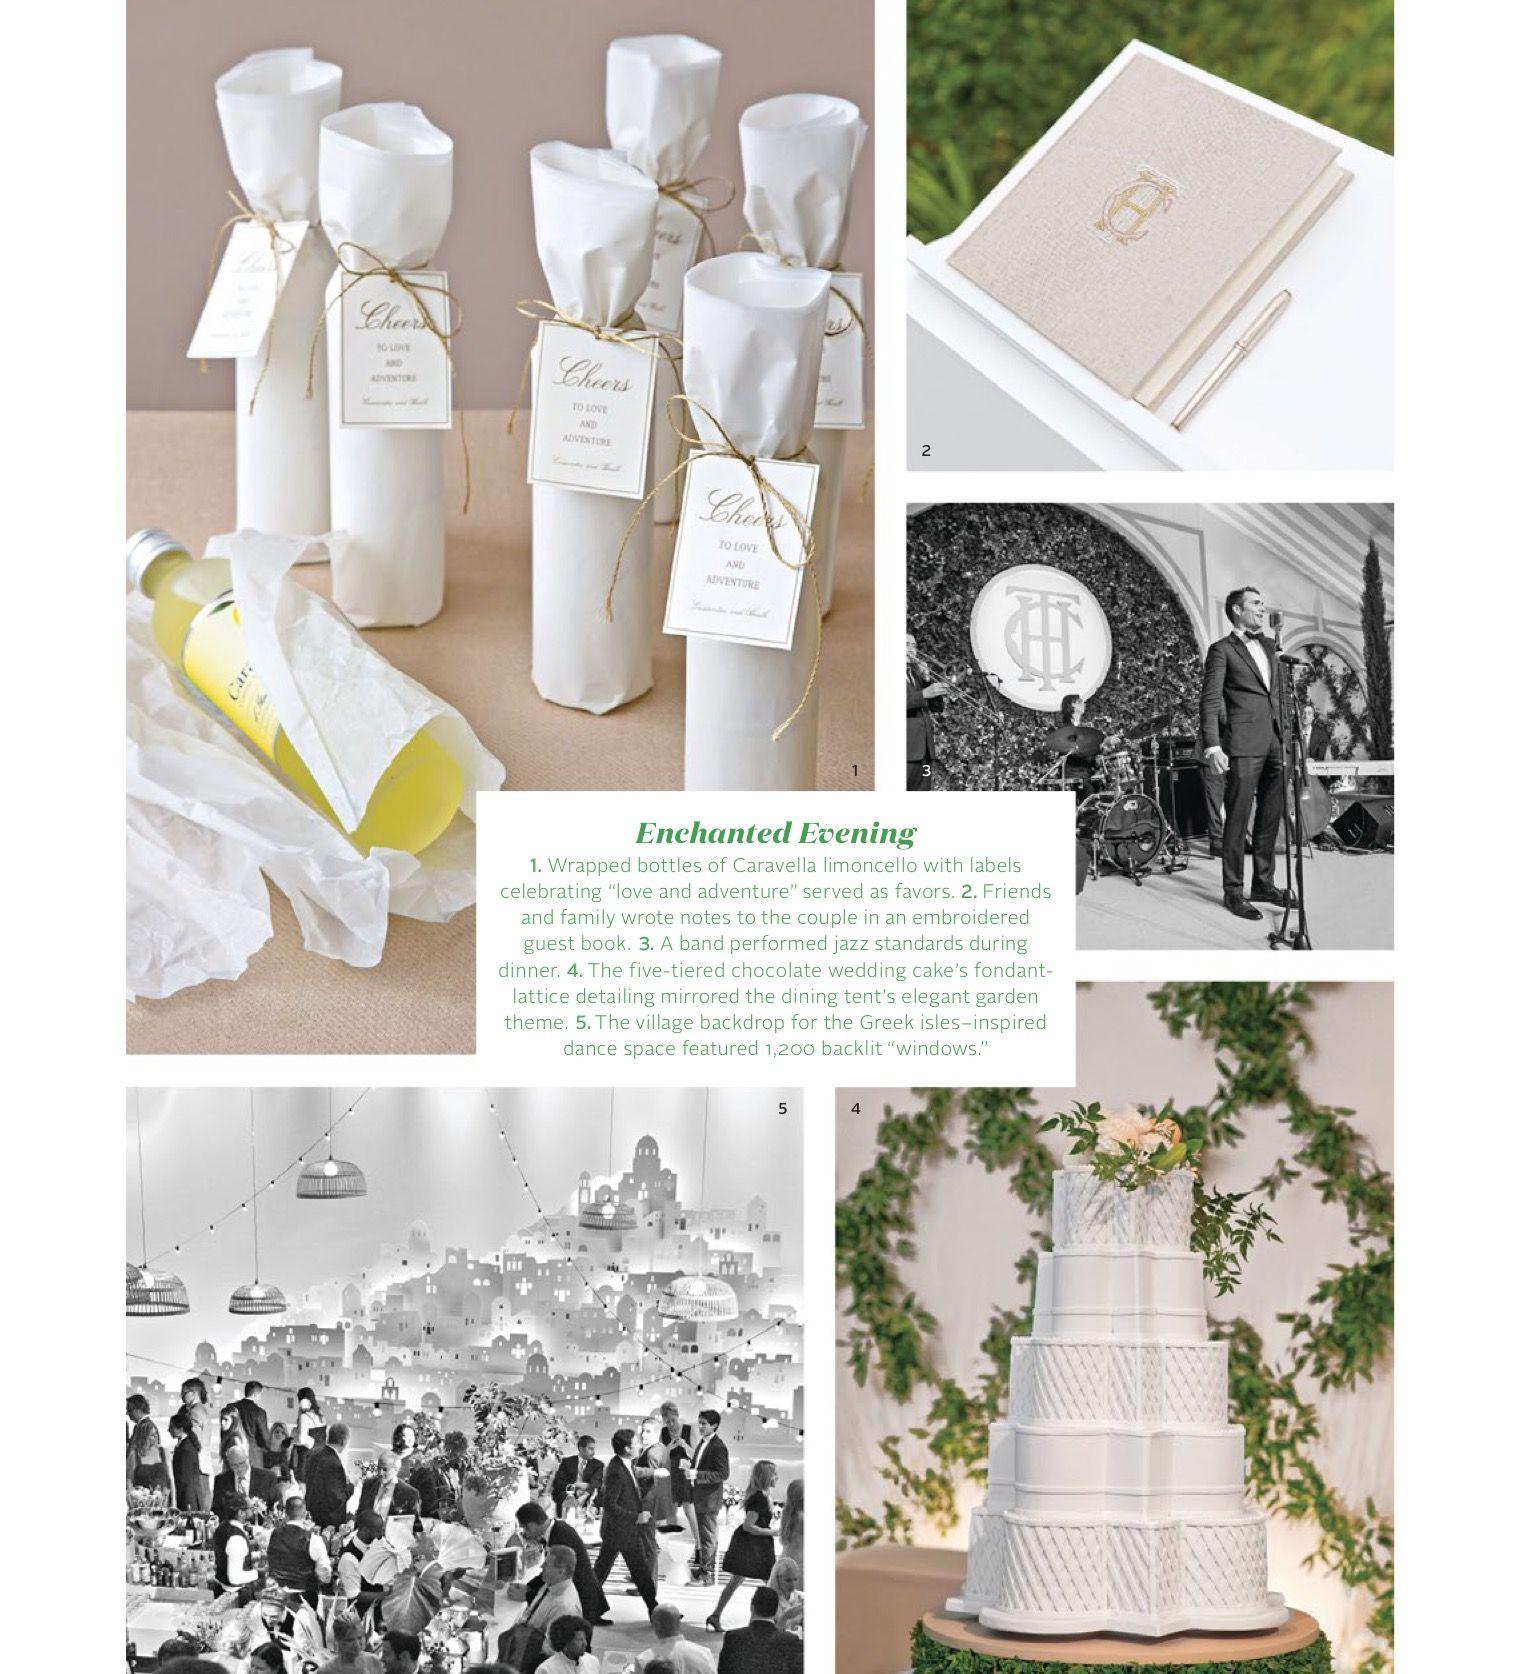 Pin by Brent Fraim on Wedding Little Details | Pinterest | Wedding